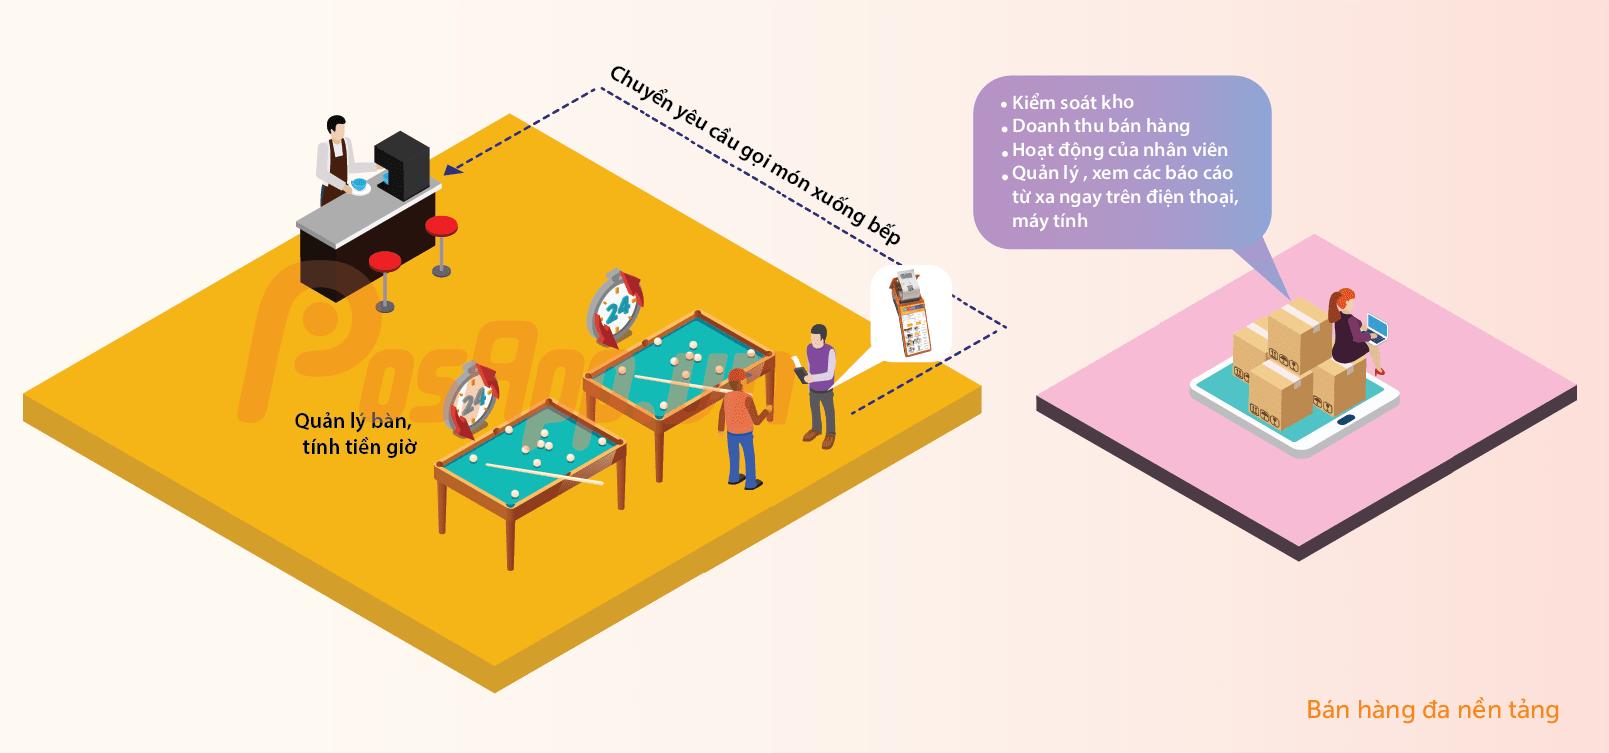 mô hình quán bida